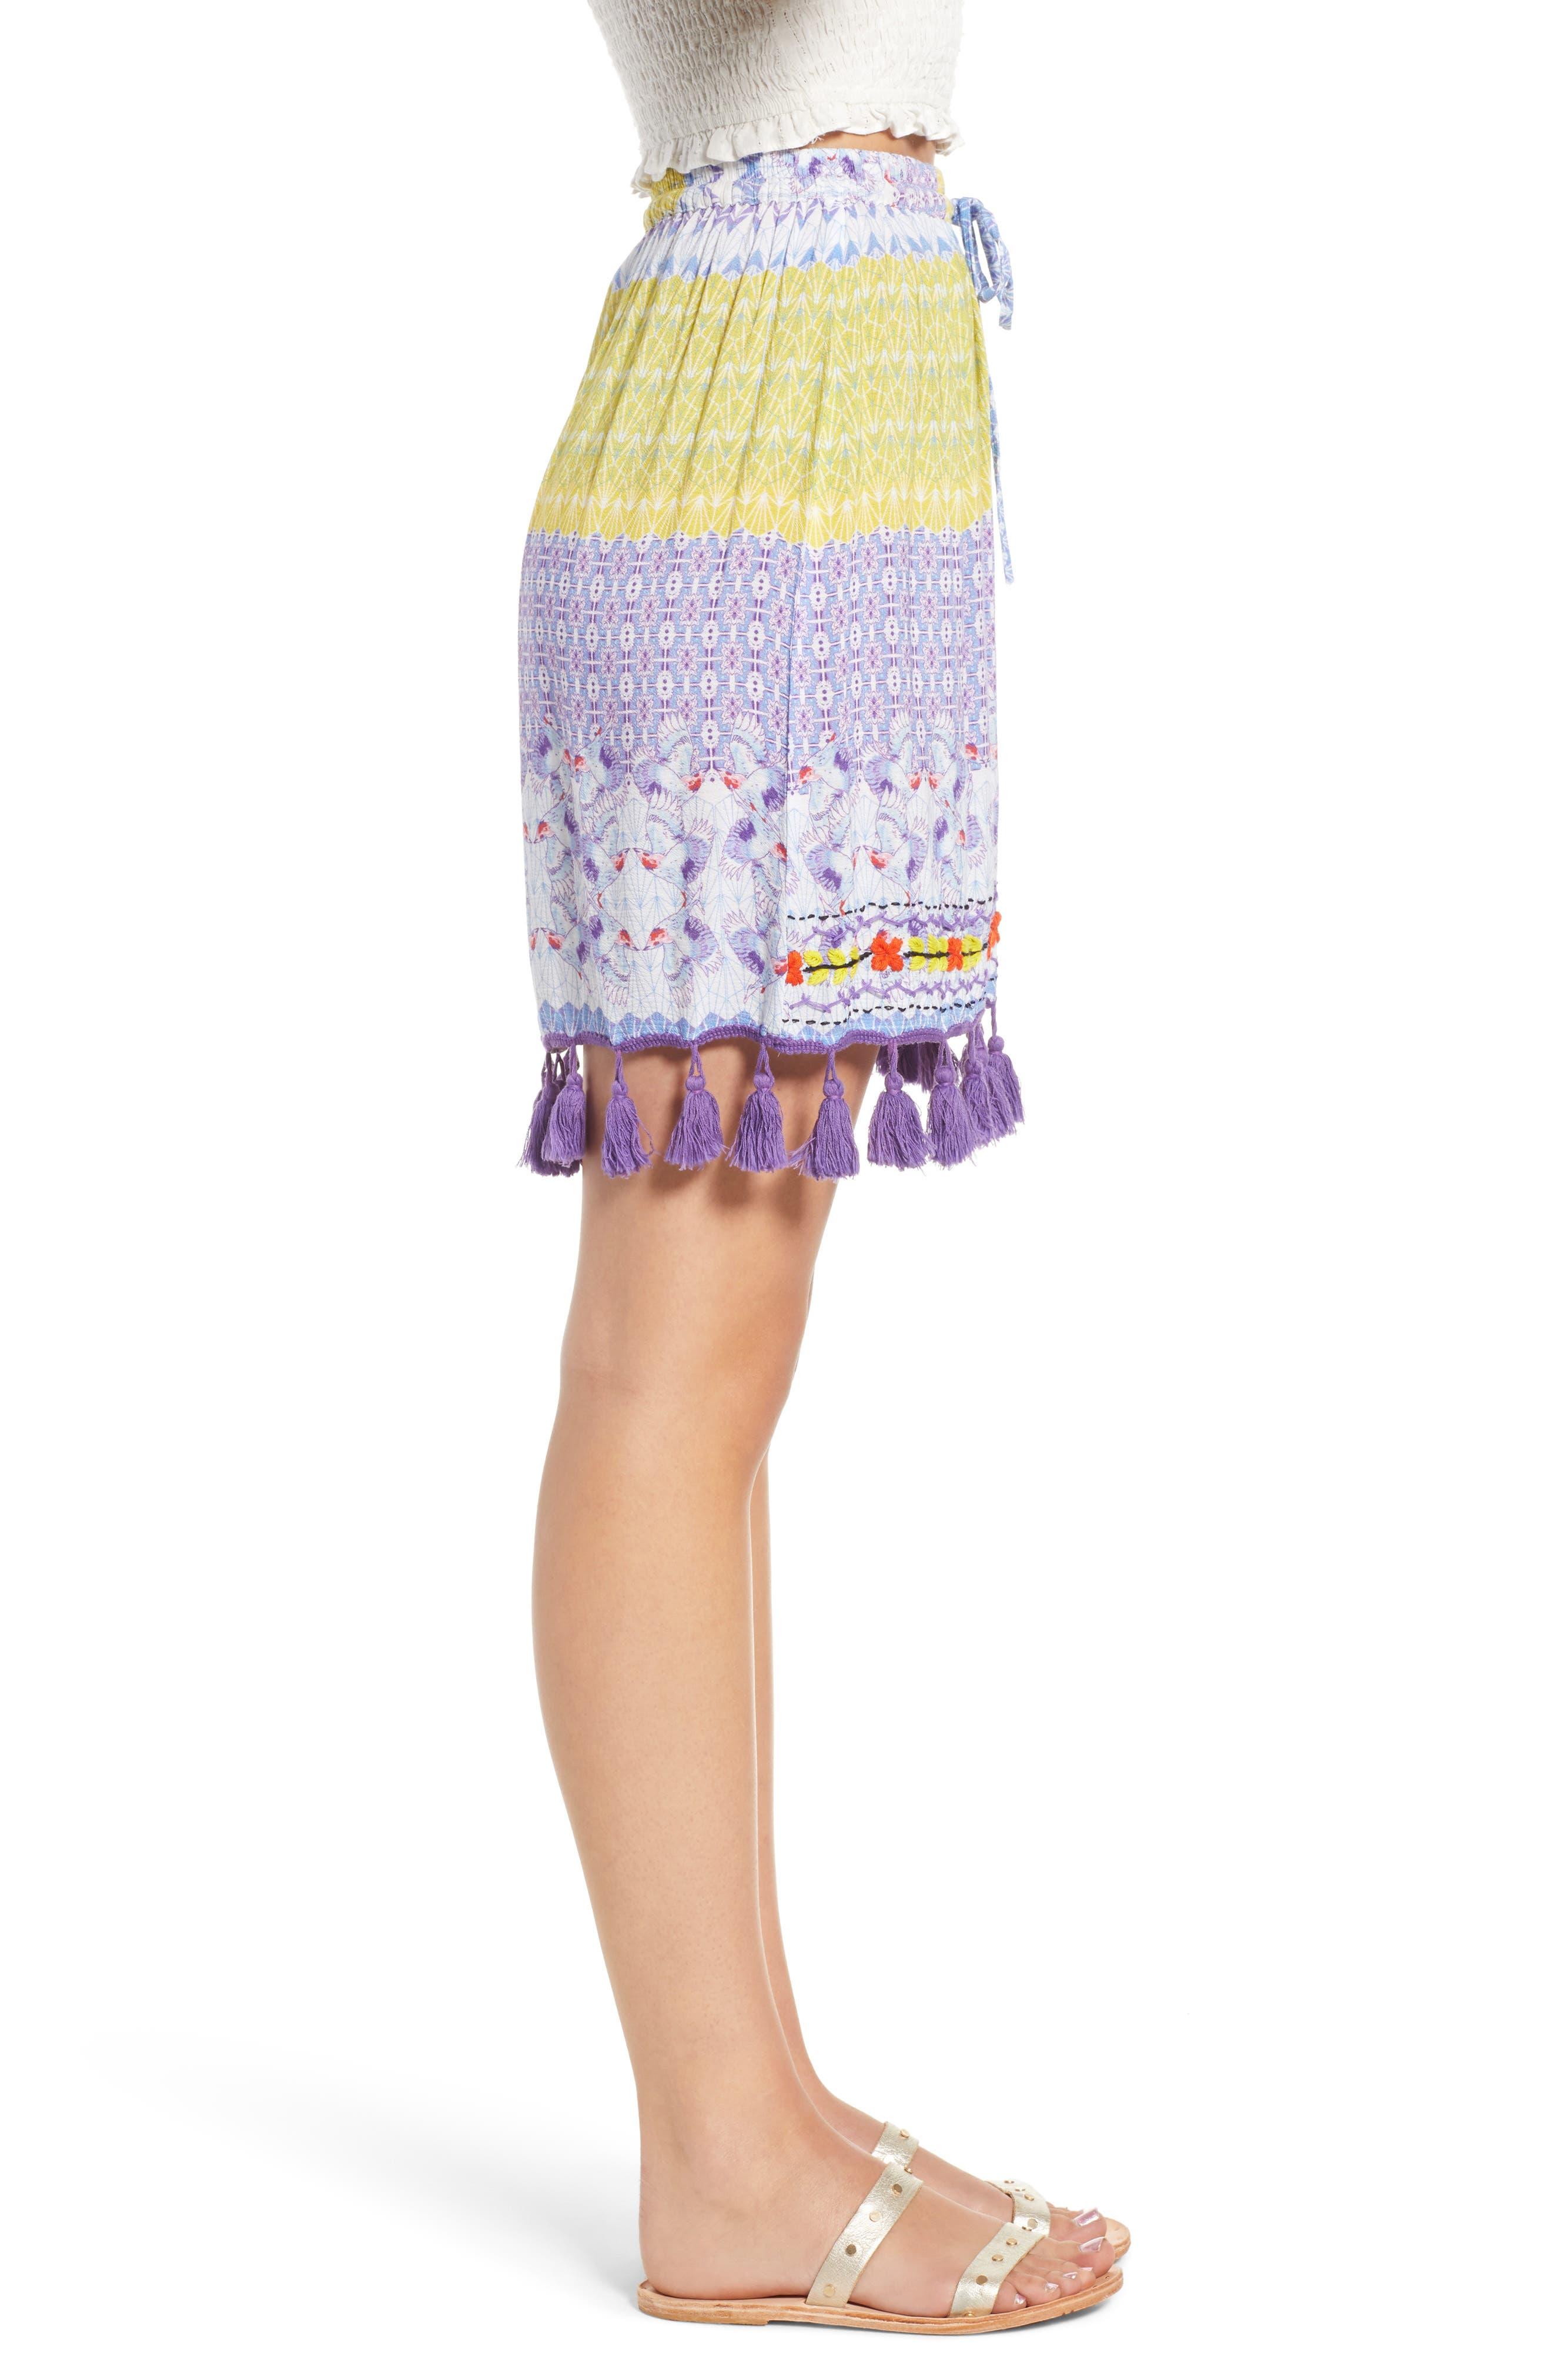 Tropic Bird Tassel Trim Skirt,                             Alternate thumbnail 3, color,                             500